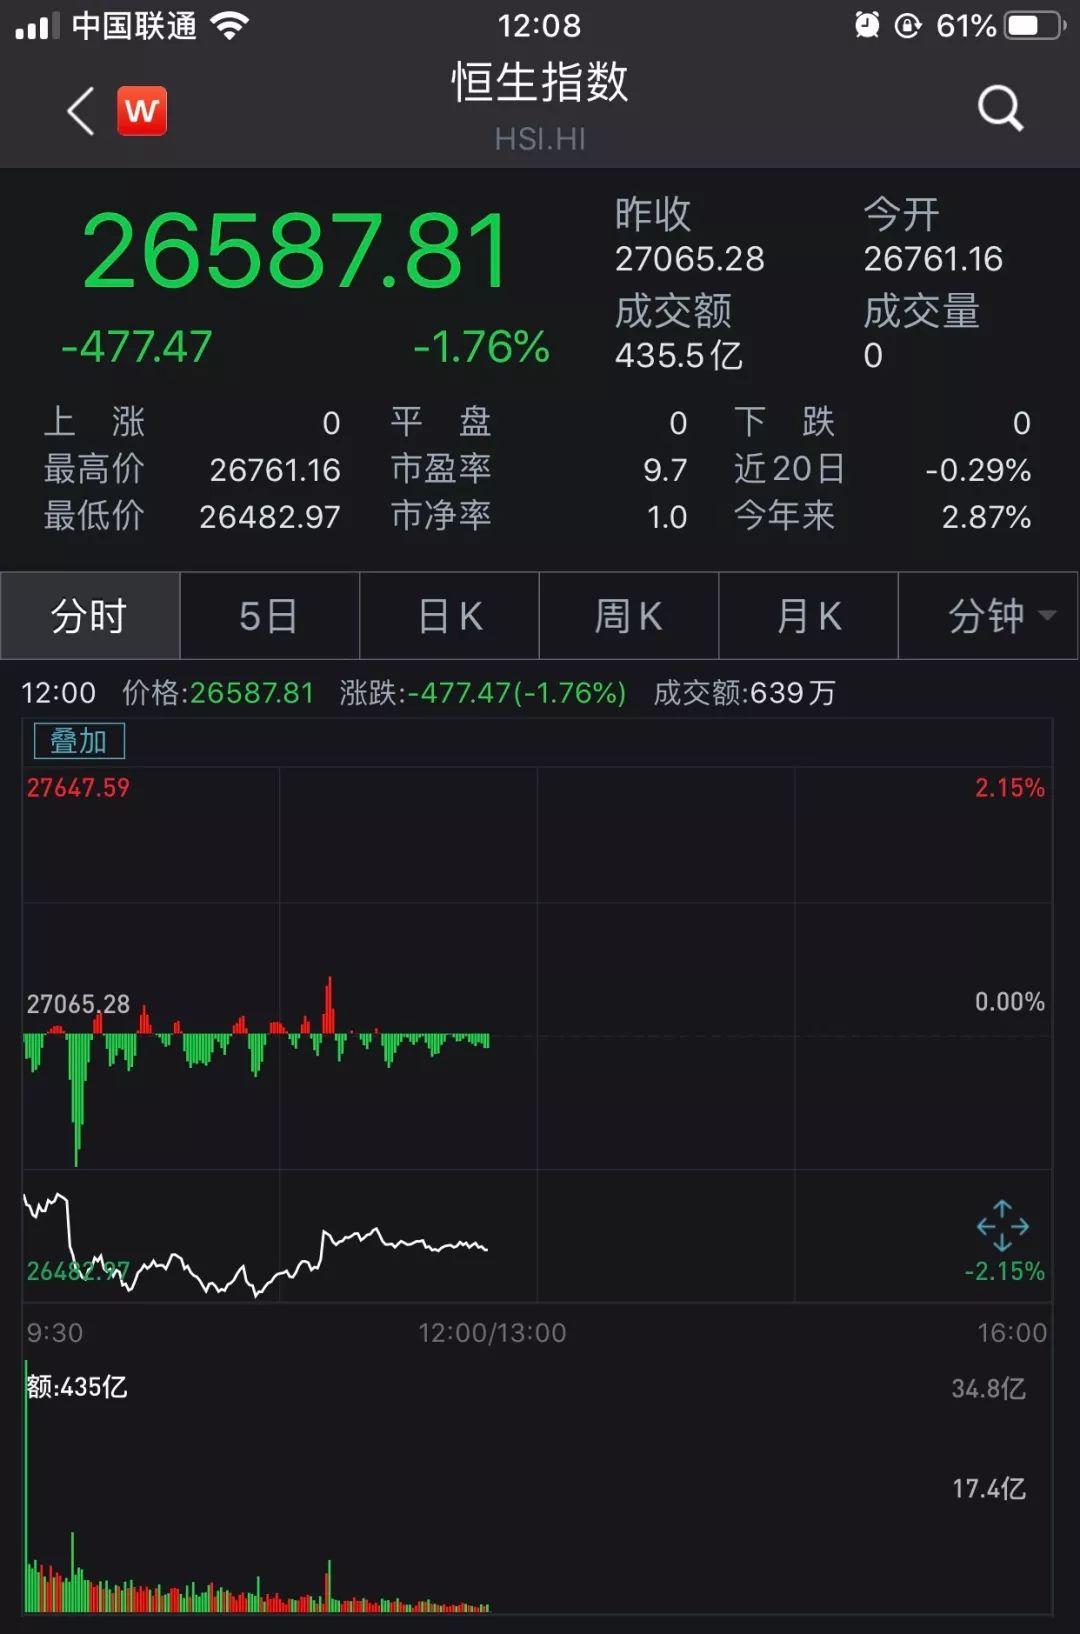 刚刚,港股又大跌!三天半狂泻1200点,市值蒸发30000亿!_香港